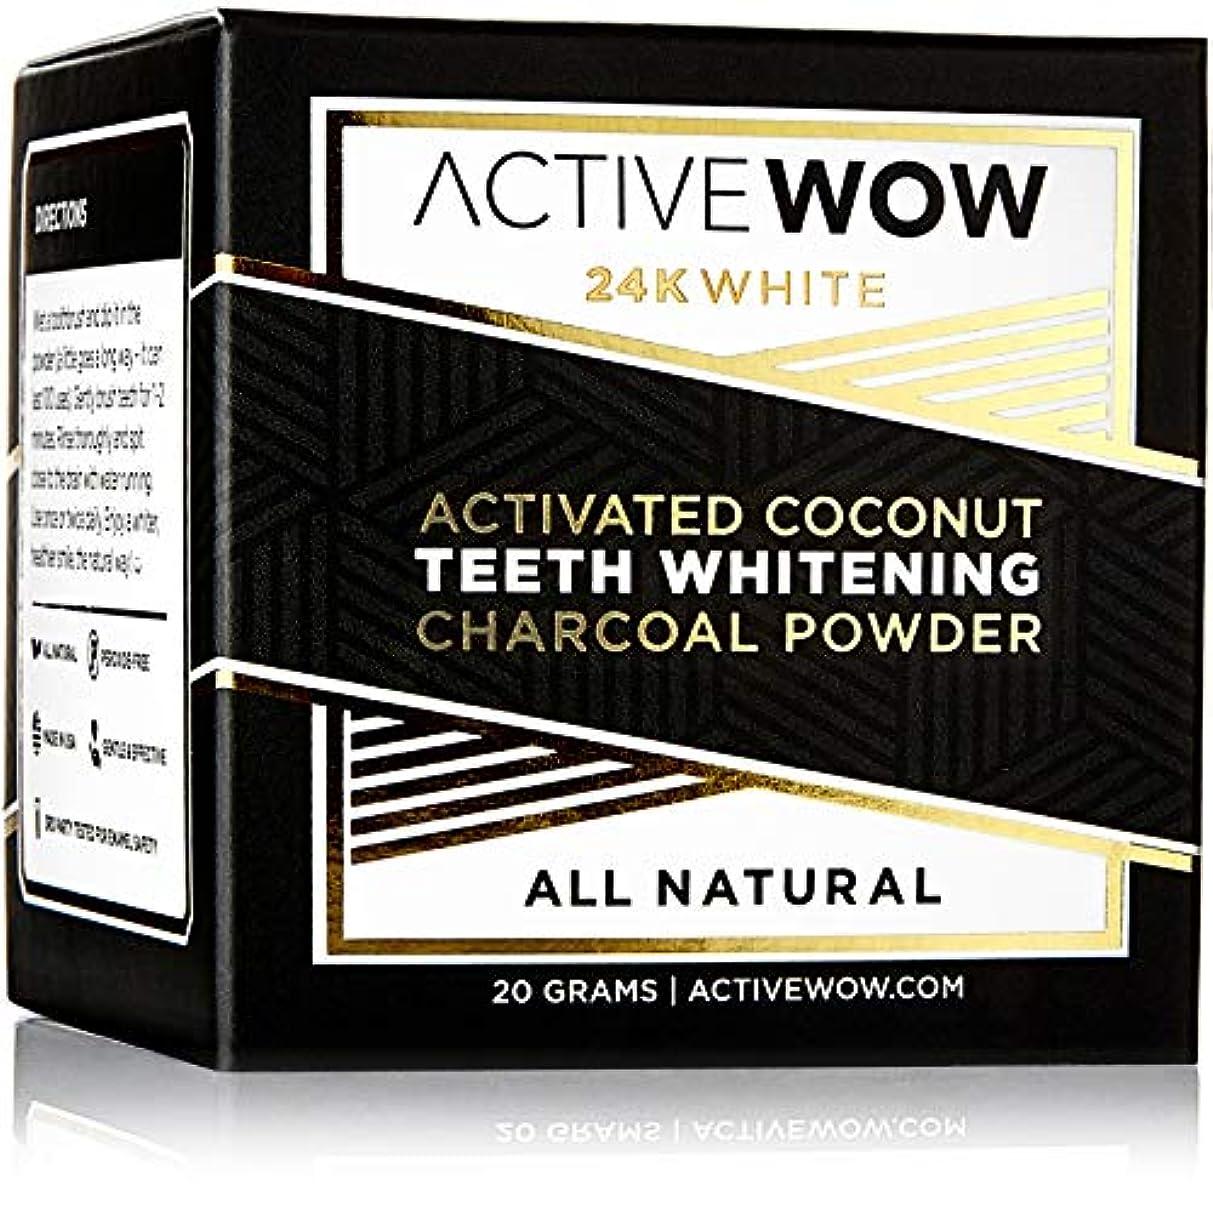 熱心な抑圧普遍的なアクティブワオ (Active Wow) 歯のホワイトニングチャコールパウダー [海外直送品] (ナチュラル)